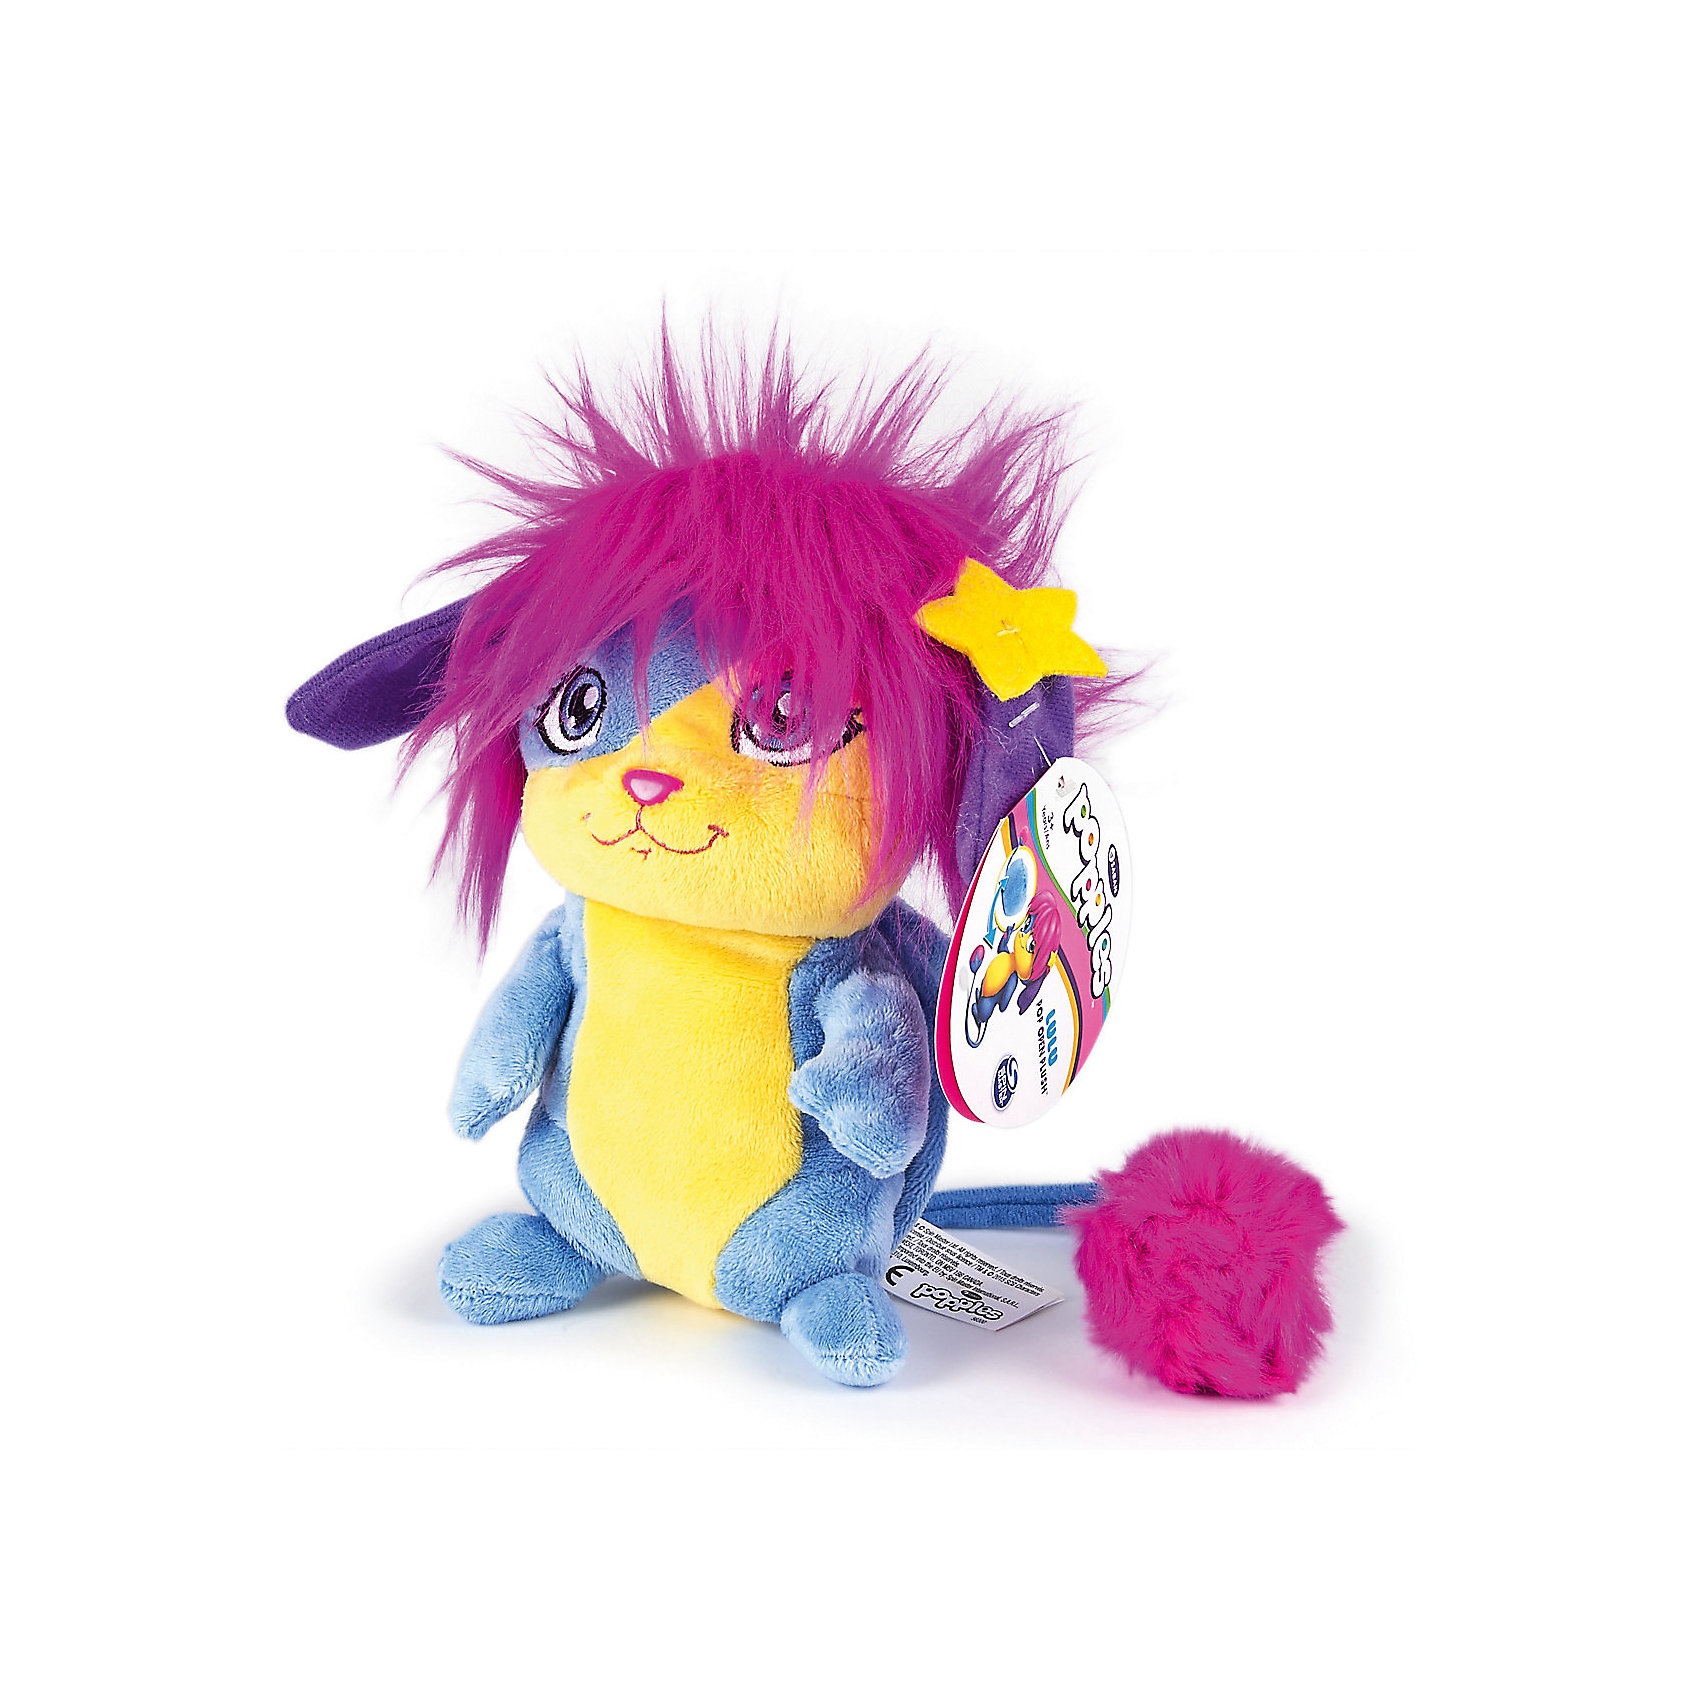 Мягкая игрушка Лулу, 28см, сворачивается в шар, PopplesЛюбимые герои<br>Мягкая игрушка Лулу, 28 см, сворачивается в шар, Popples<br><br>Характеристика:<br><br>-Возраст: от 4 лет<br>-Для девочек <br>-Цвет: розовый <br>-Материал: плюш<br>-Размер: 28 см<br>-Марка: Popples<br><br>Мягкая игрушка Popples - это уникальная мягкая игрушка для детей. Игрушка по имени Лулу яркая и веселая. Самое интересное то, что она имеет небольшой кармашек, что позволяет превратить игрушку в небольшой шар. Игрушку можно легко свернуть в небольшой плюшевый шарик, а затем вернуть ей привычную форму!<br><br>Мягкая игрушка Лулу, 28 см, сворачивается в шар, Popples можно приобрести в нашем интернет-магазине.<br><br>Ширина мм: 130<br>Глубина мм: 300<br>Высота мм: 200<br>Вес г: 750<br>Возраст от месяцев: 36<br>Возраст до месяцев: 2147483647<br>Пол: Женский<br>Возраст: Детский<br>SKU: 5301647